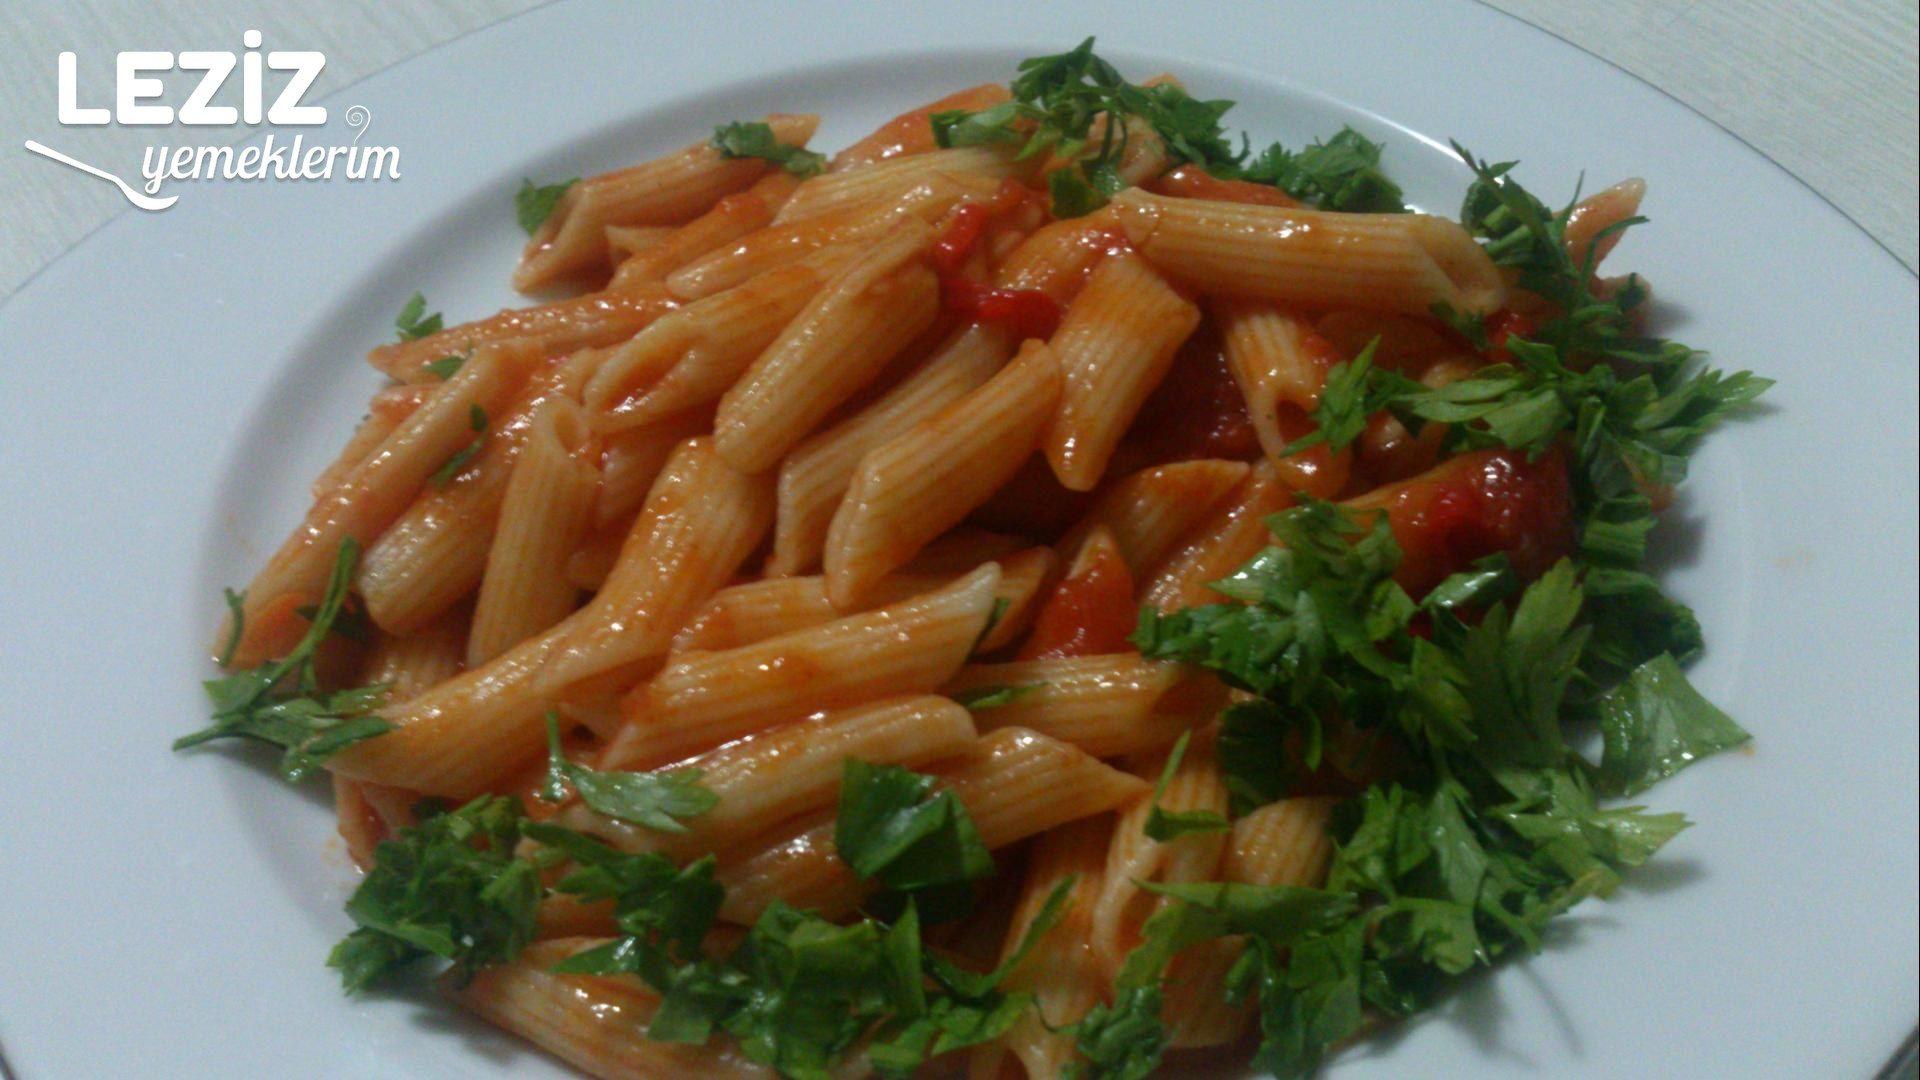 Diyet domatesli makarna ile Etiketlenen Konular 9